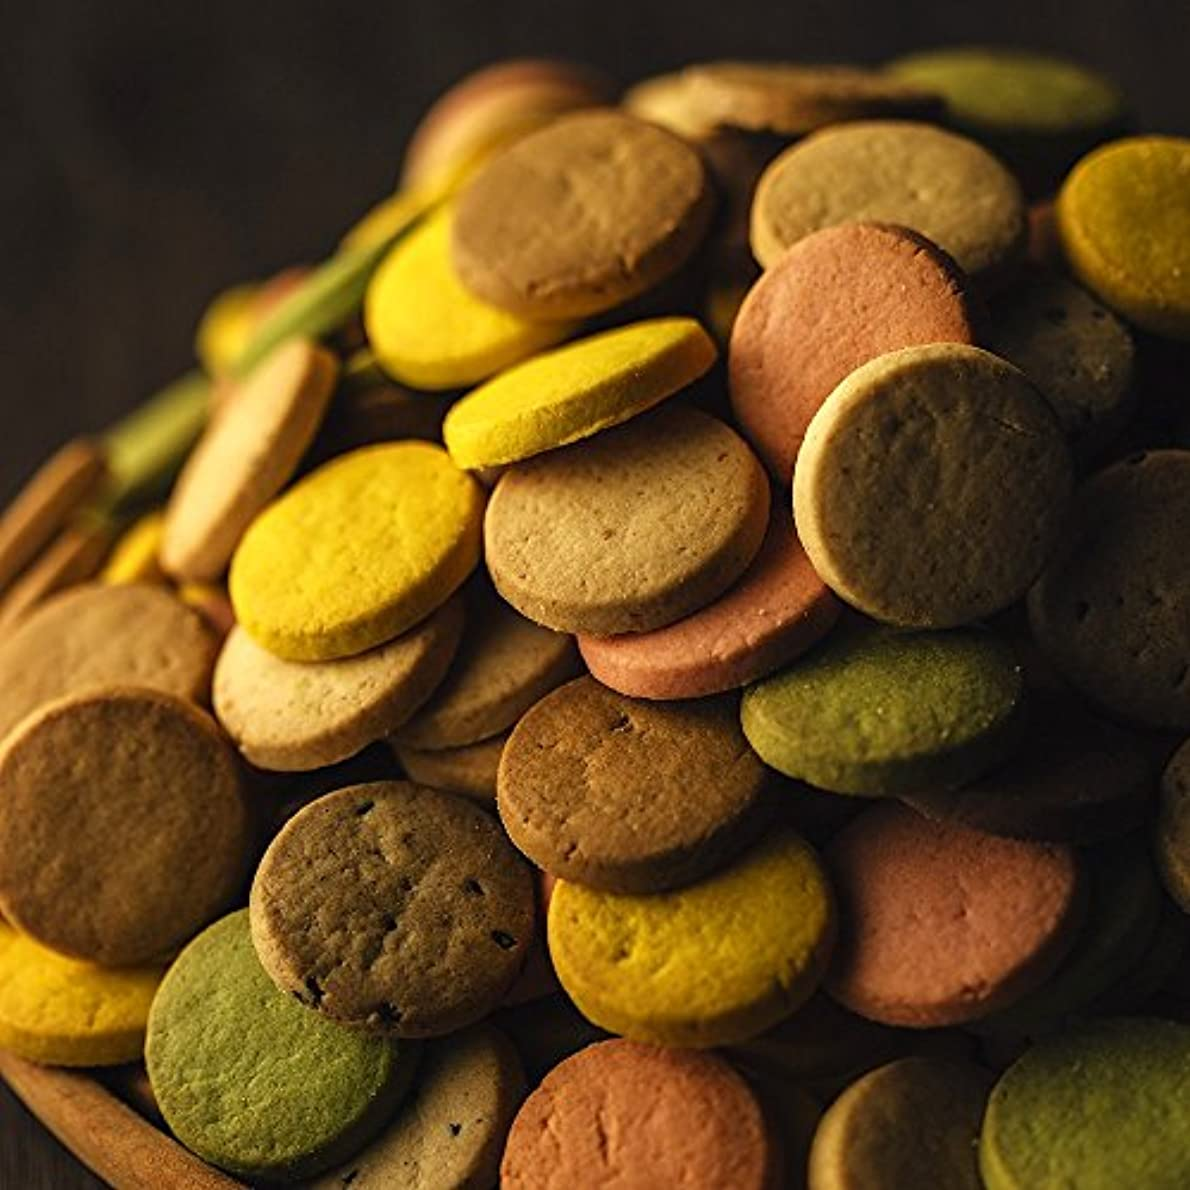 豆乳おからクッキー蒟蒻マンナン入り 2kg